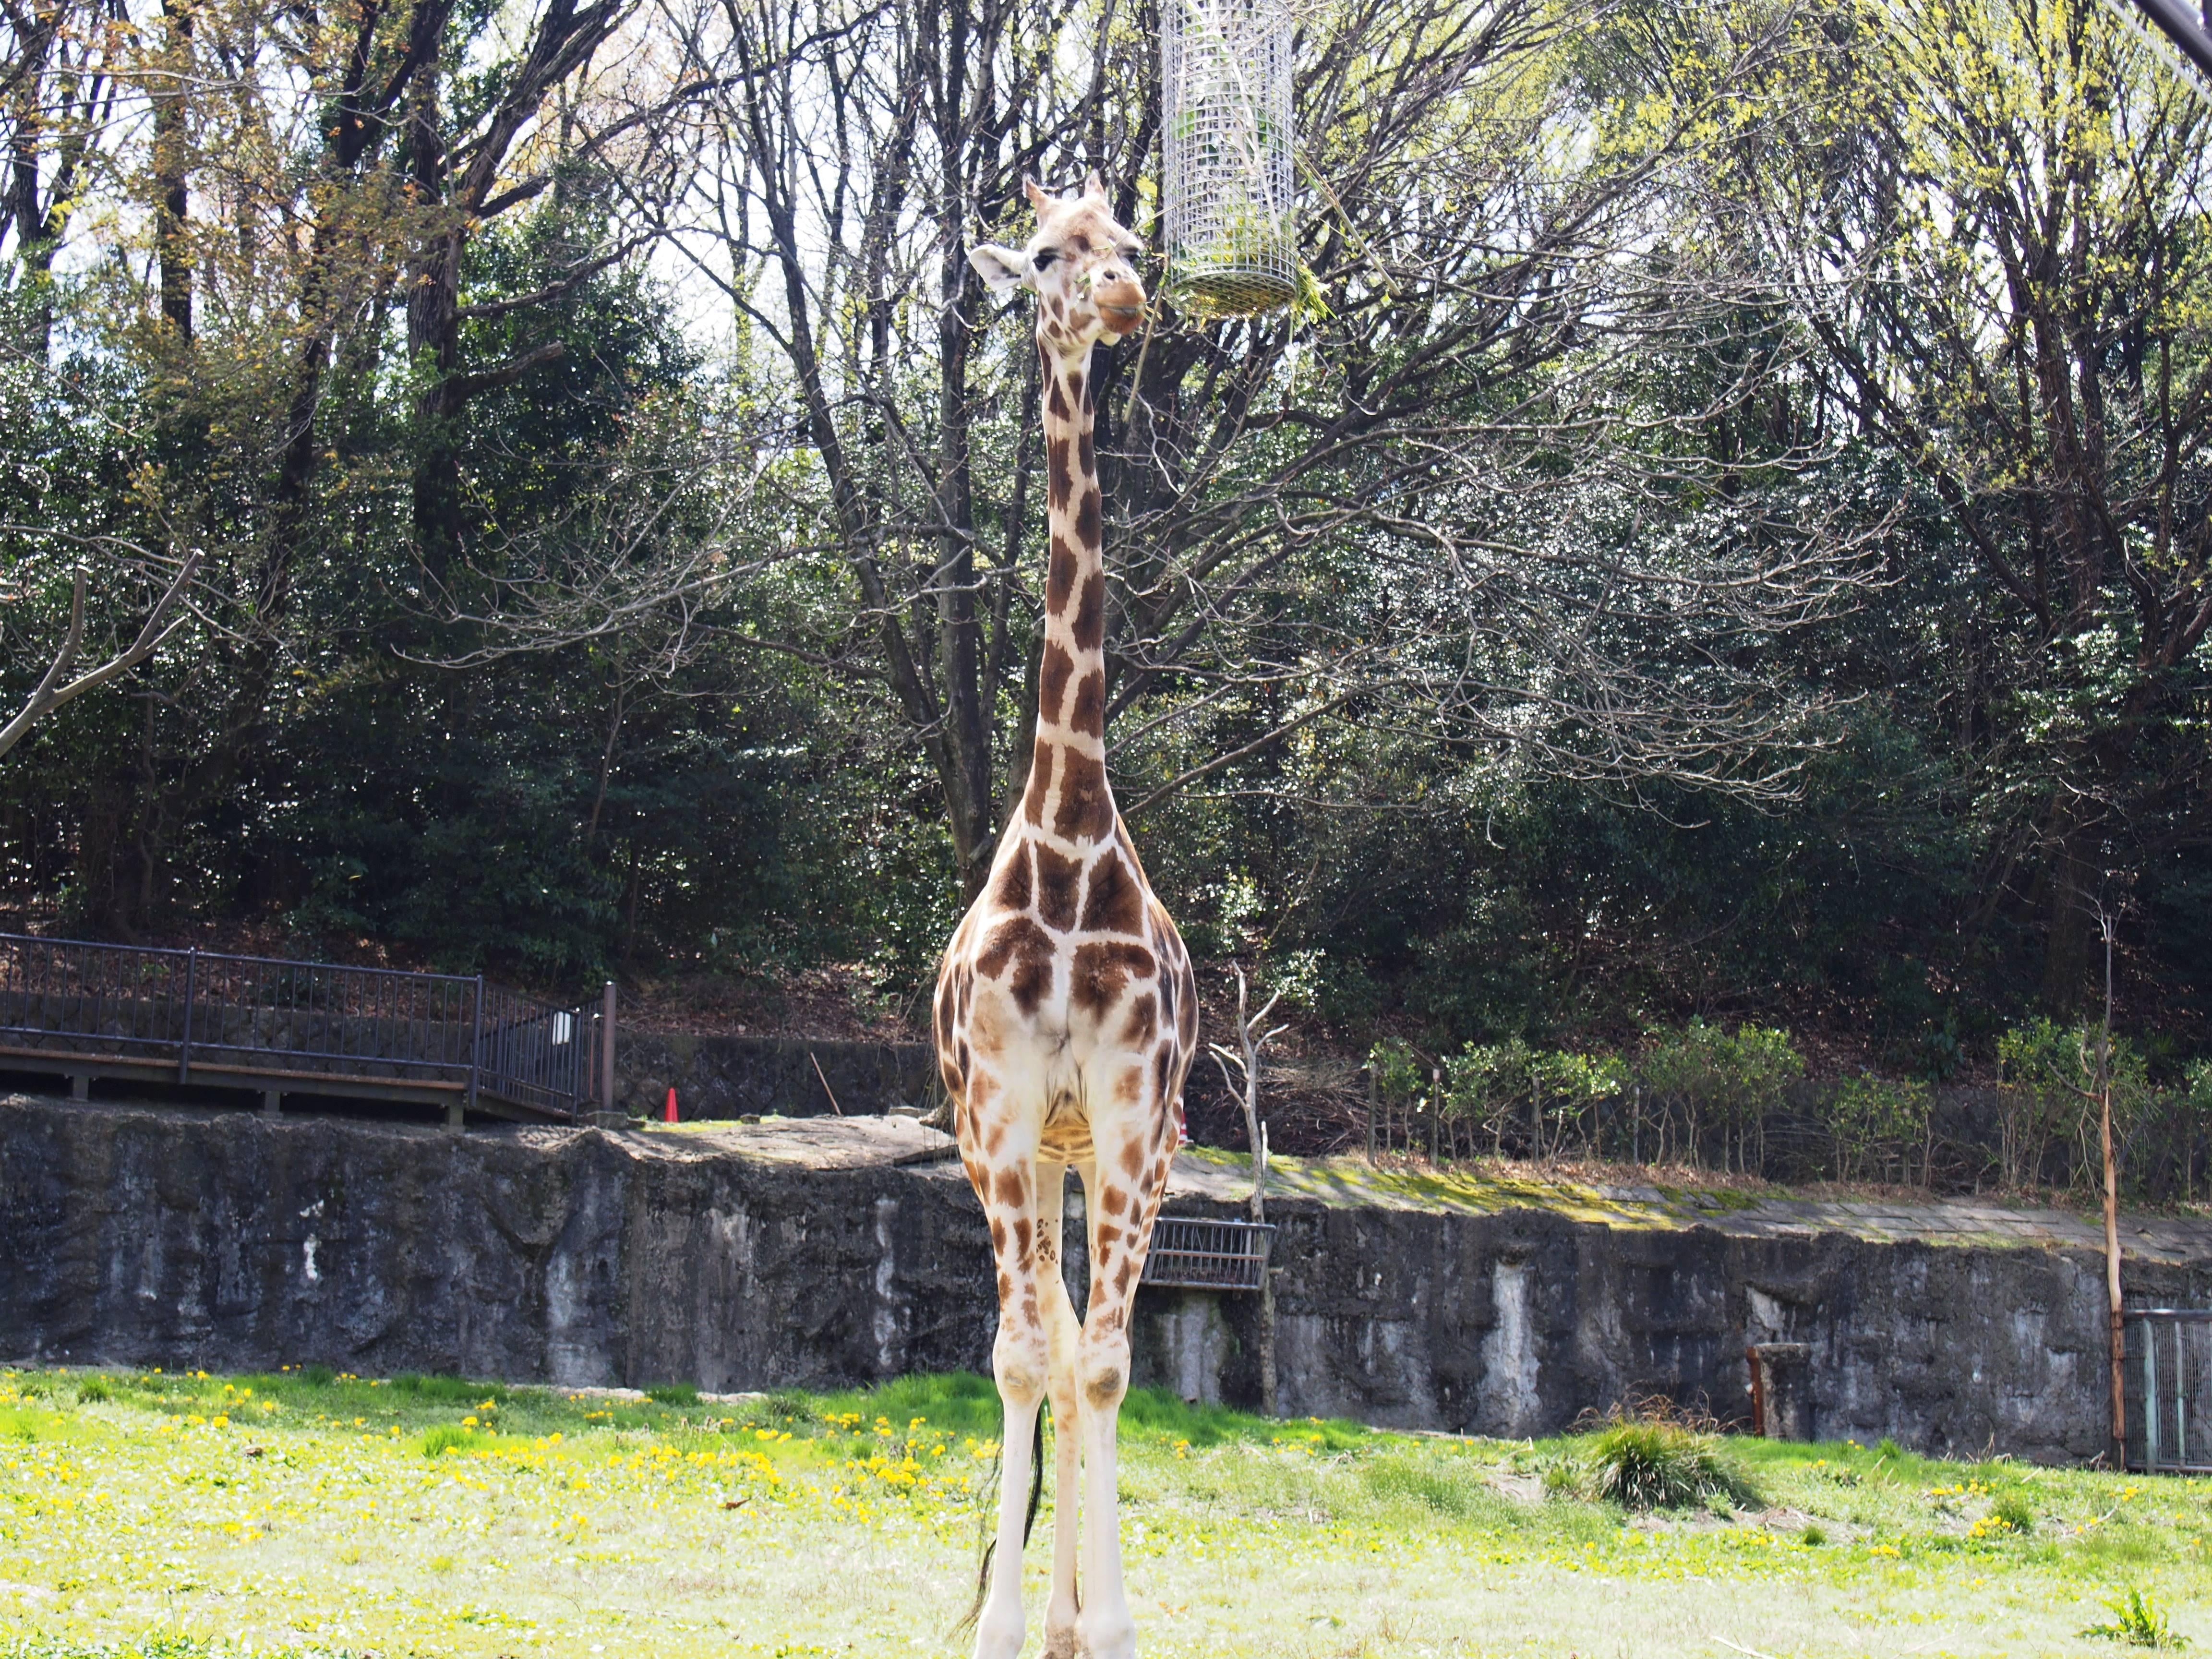 東山動物園の園長に聞いた!動物園をより楽しむためのプランとは - P4121810